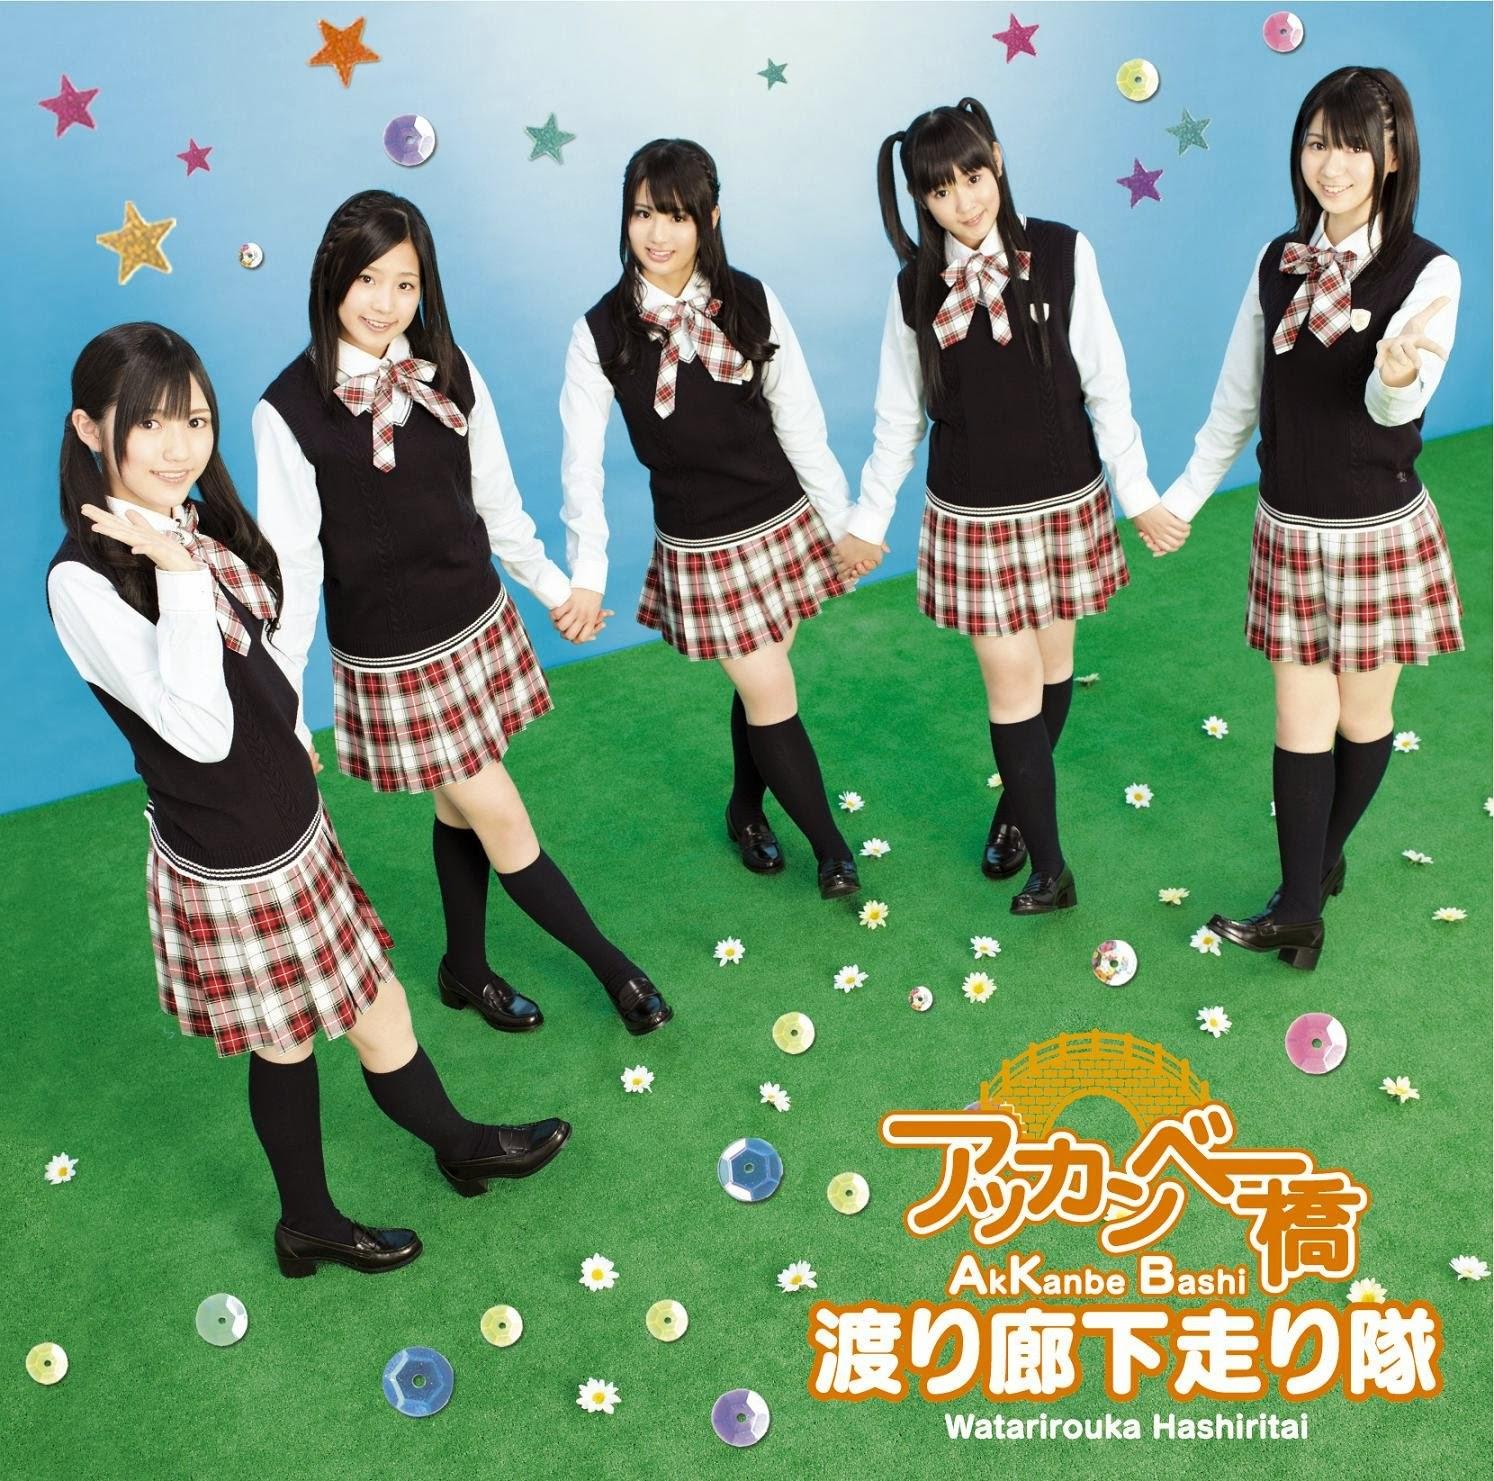 CD+DVD+B.jpg (1494×1481)